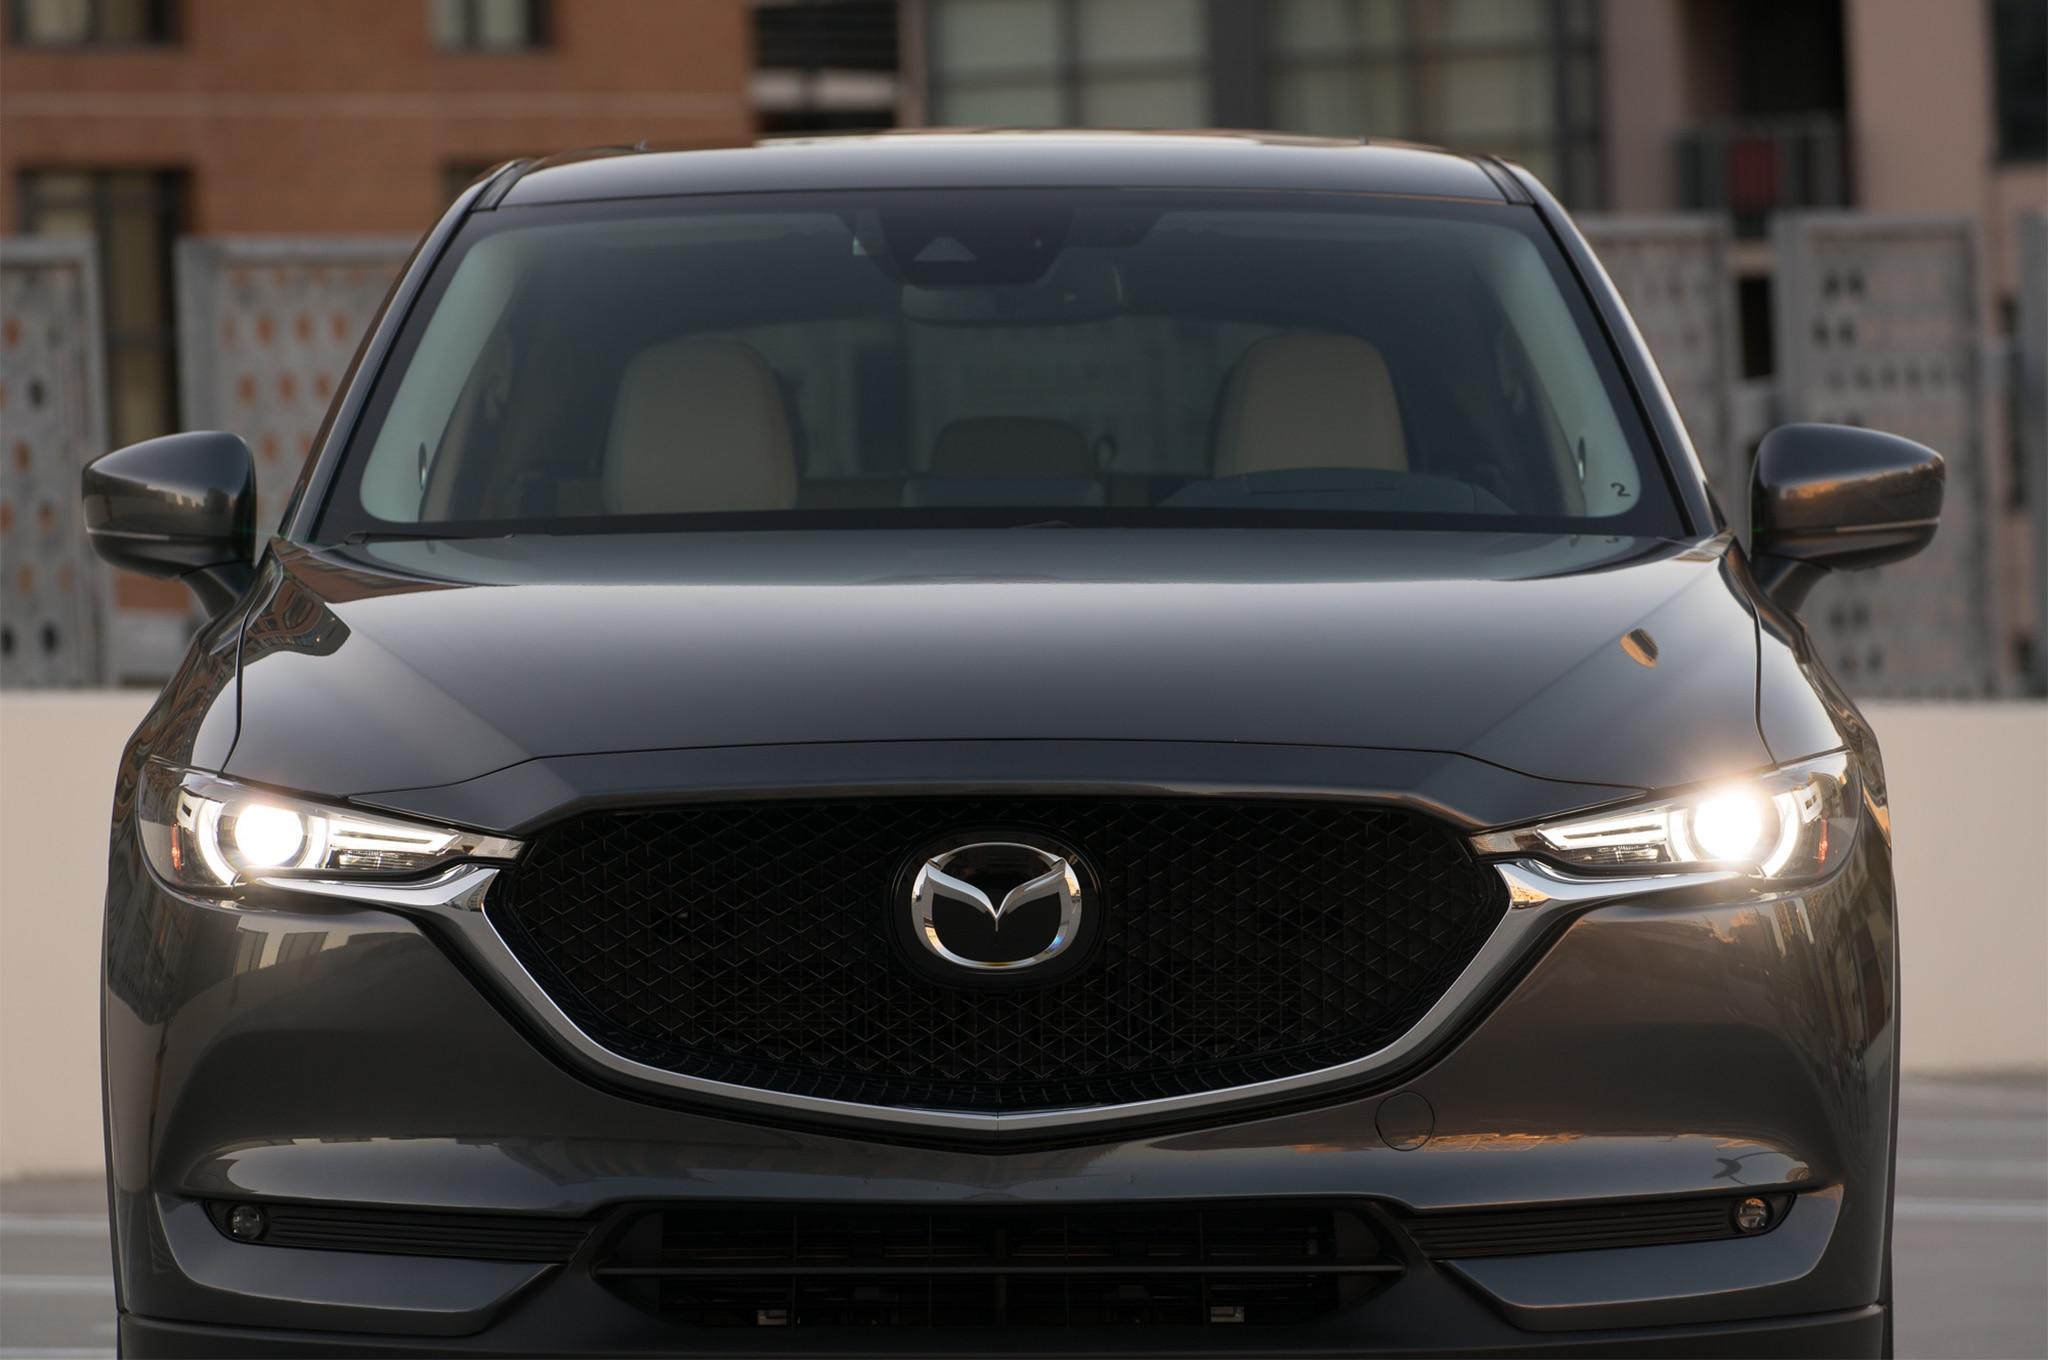 2017 mazda cx-5 first drive review | automobile magazine